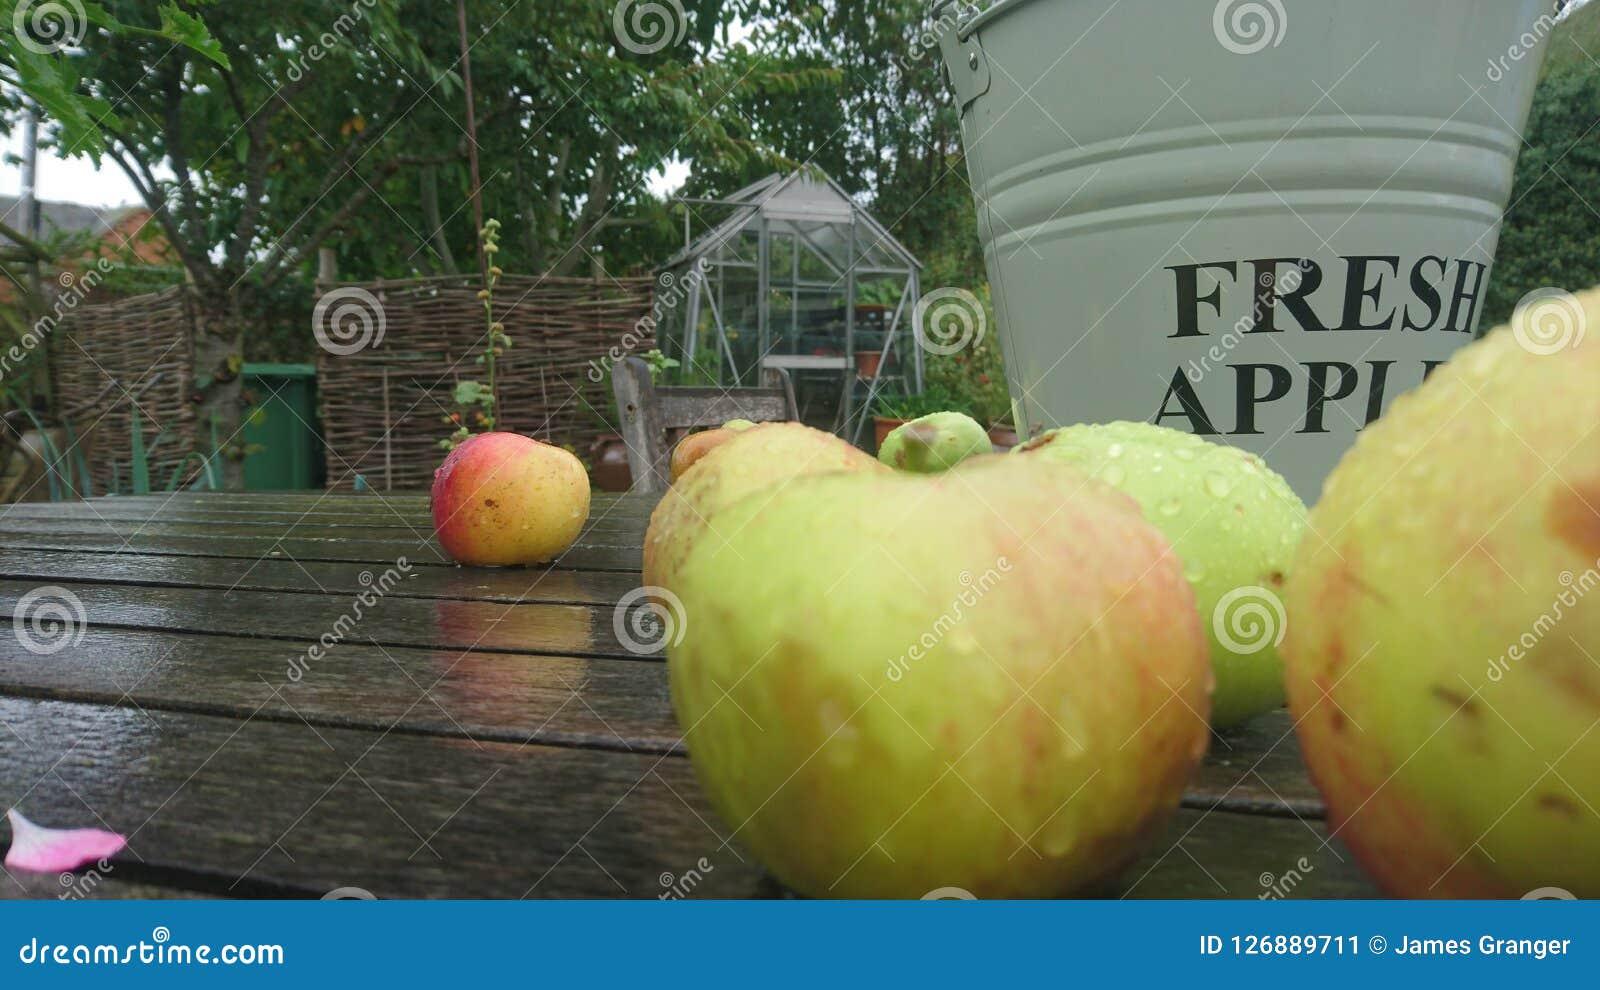 Sluit omhoog van natte appelen op een verse de appelenemmer van de tuinlijst